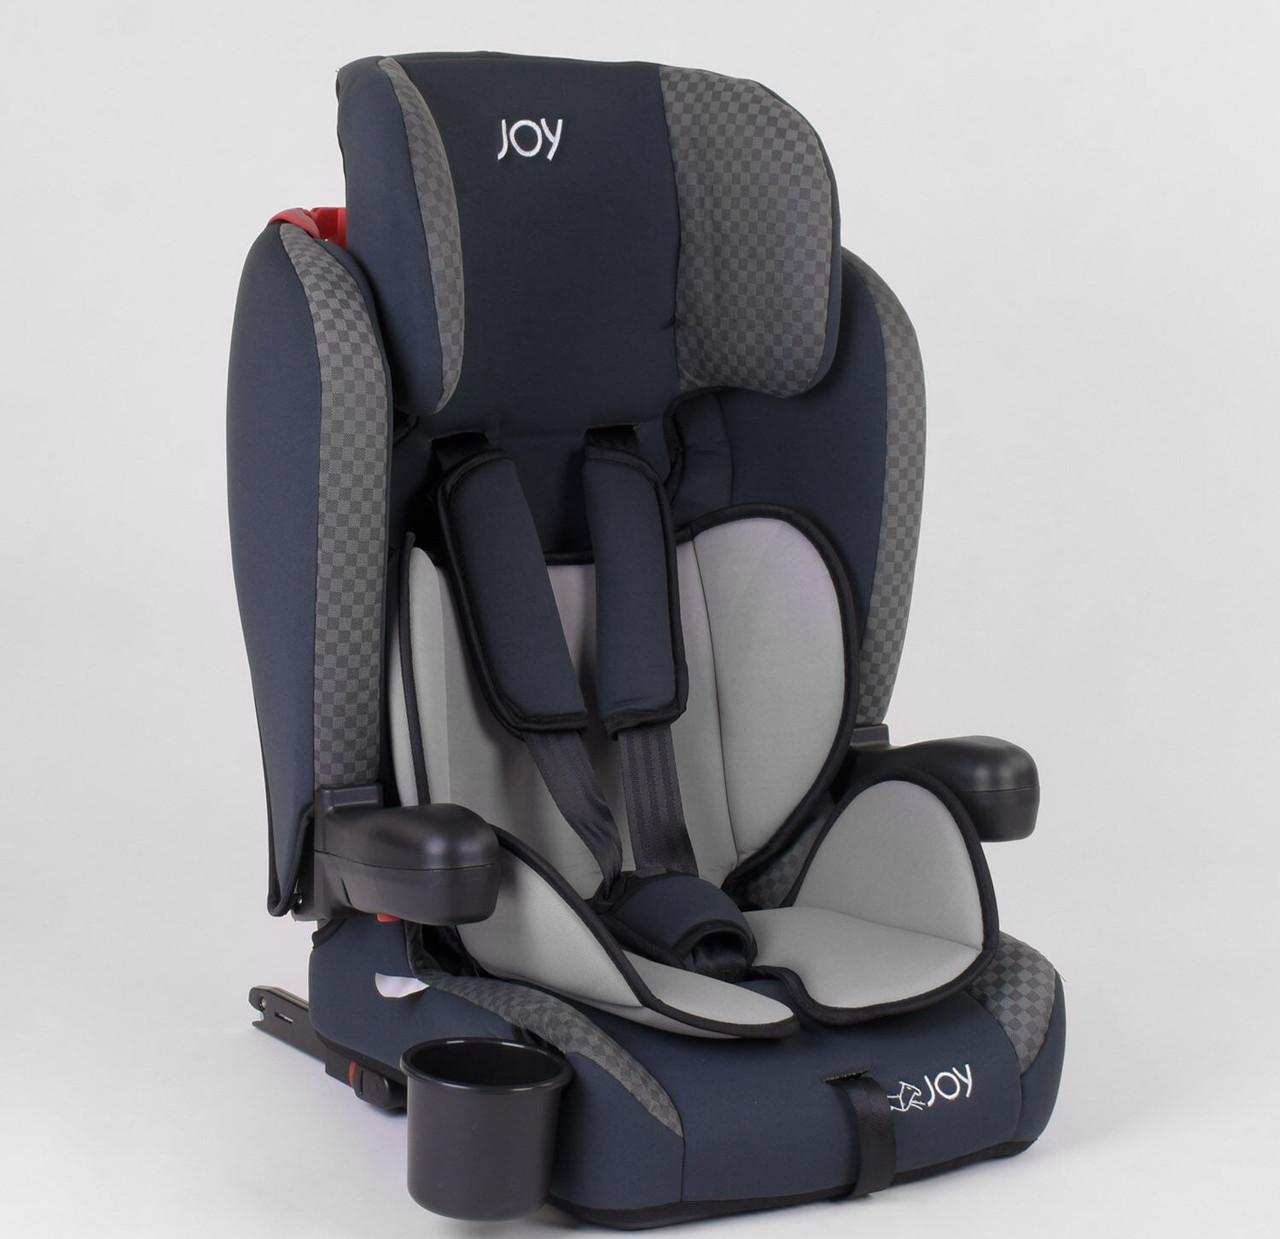 Детское универсальное автокресло JOY 24812 с системой ISOFIX, группа 1/2/3,(от 9-36 кг)